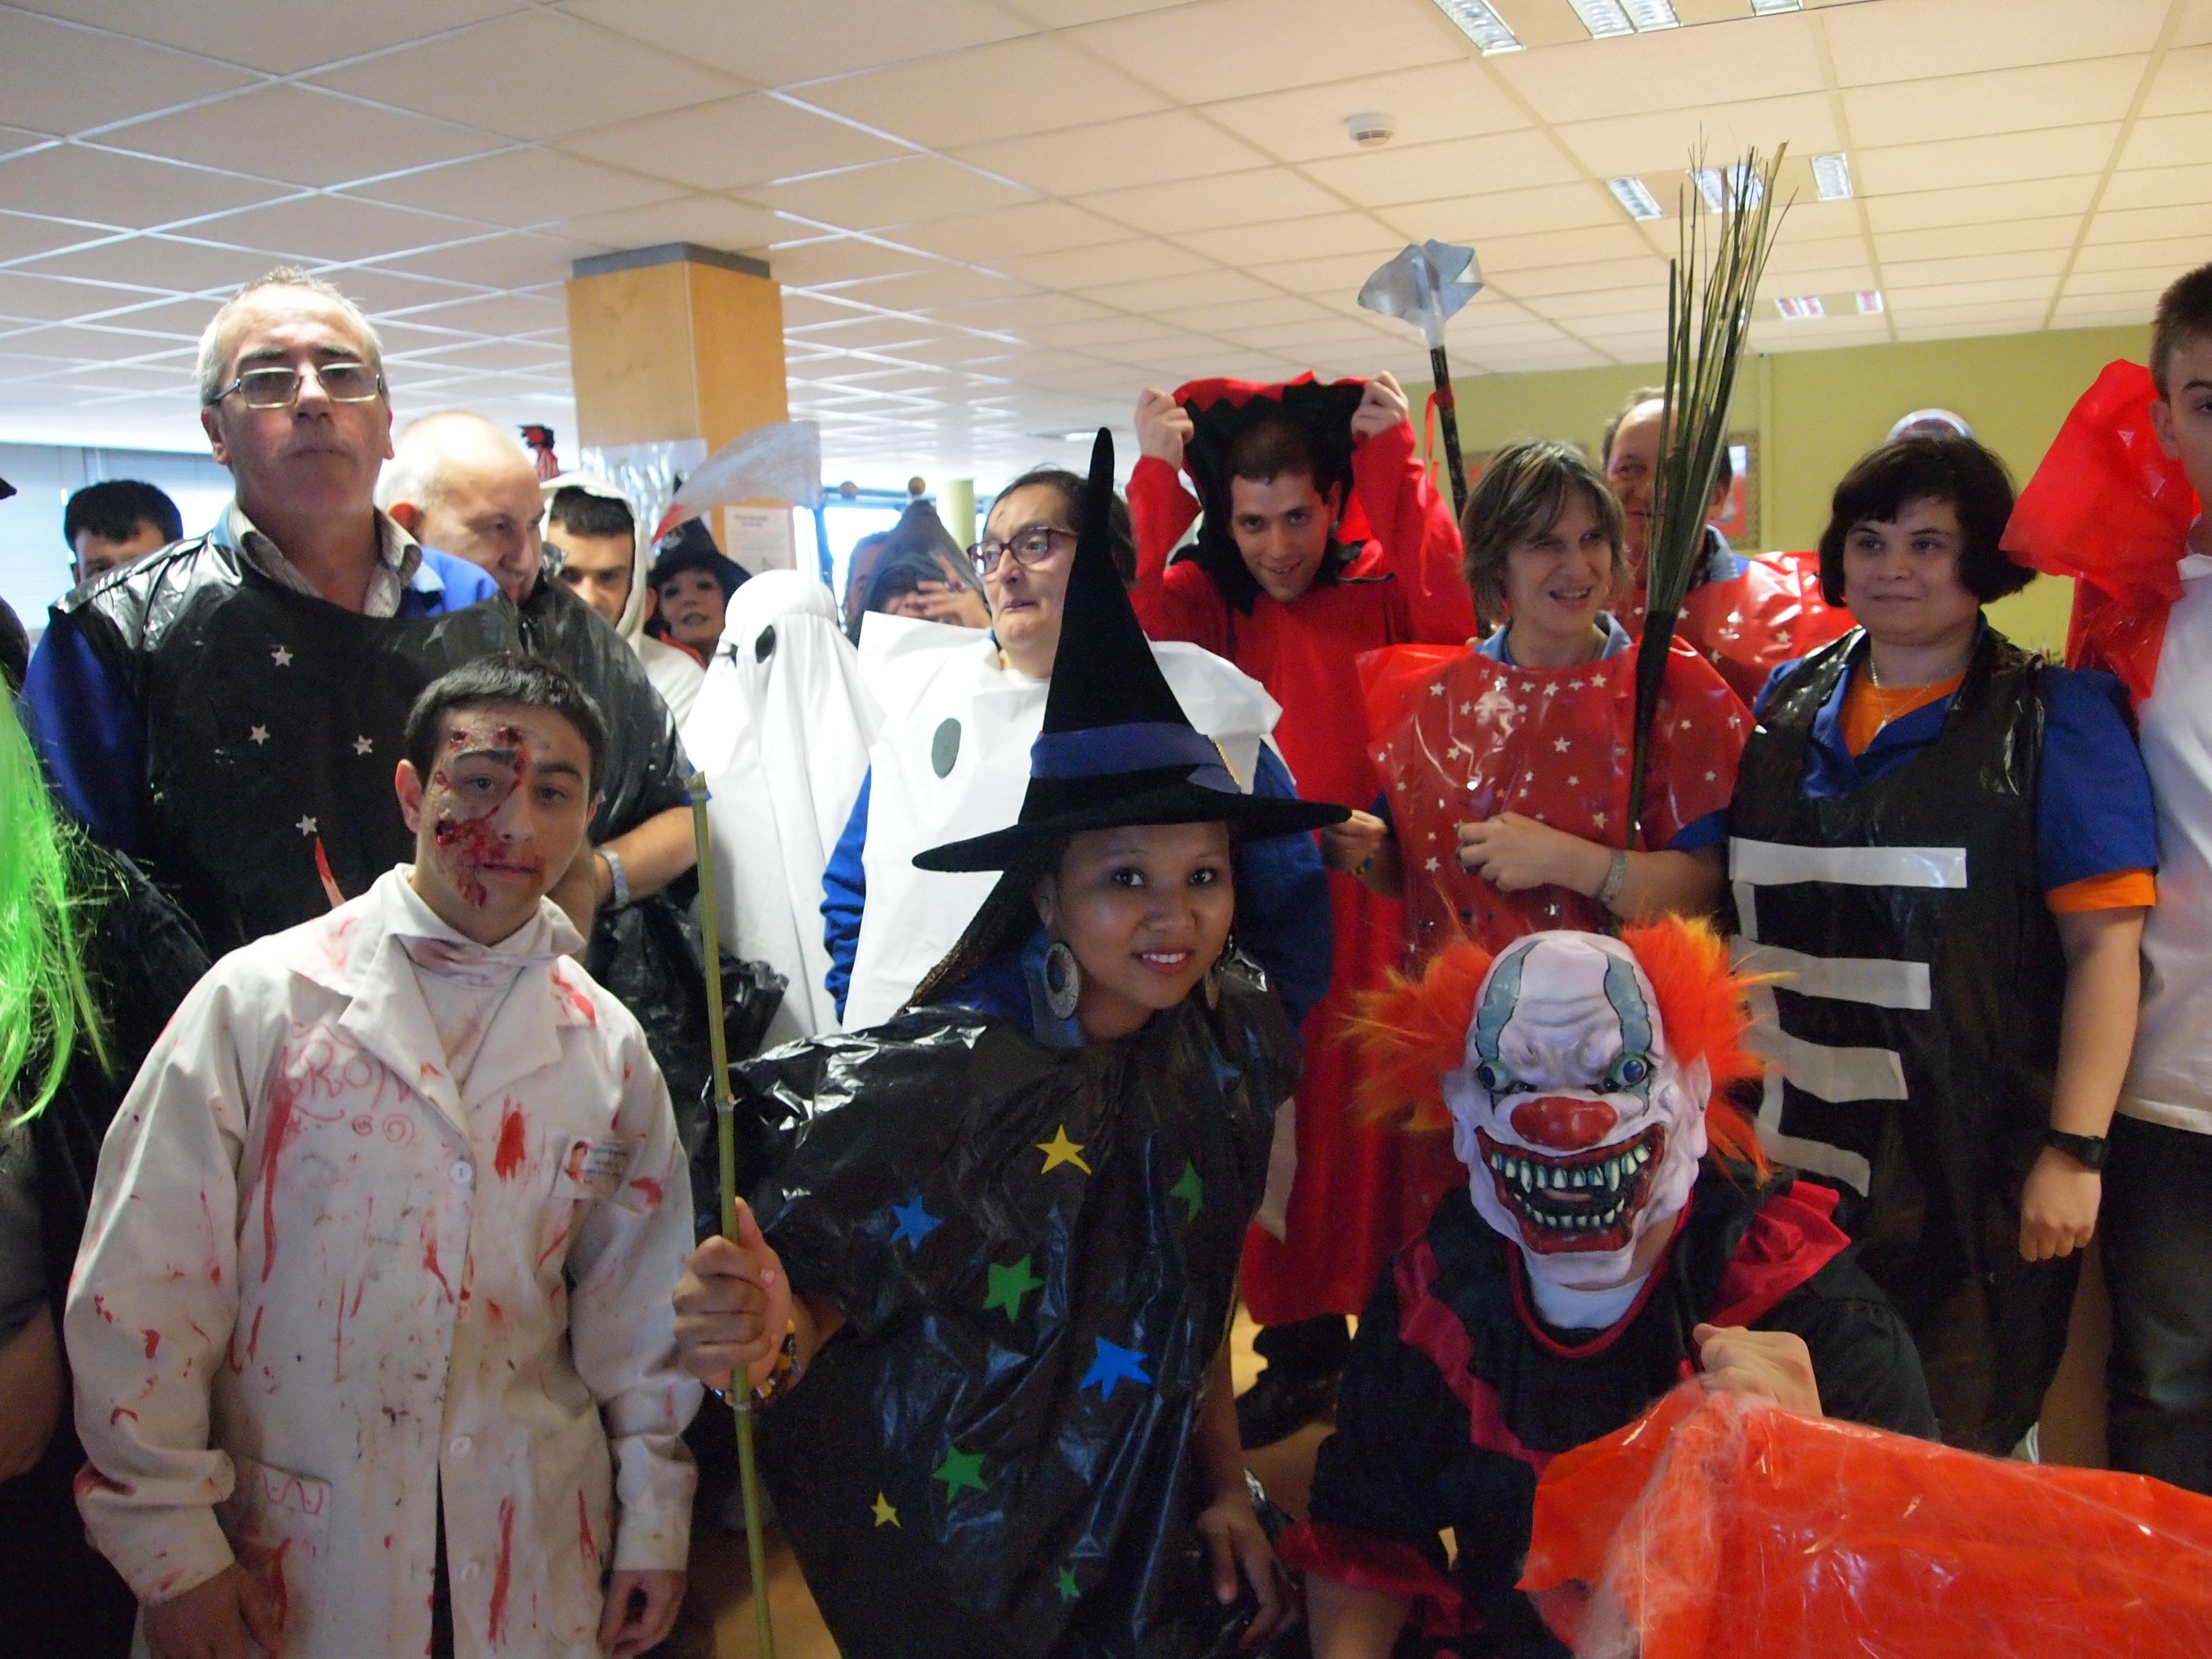 Grupo de personas disfrazadas con el motivo del Halloween, USOA.